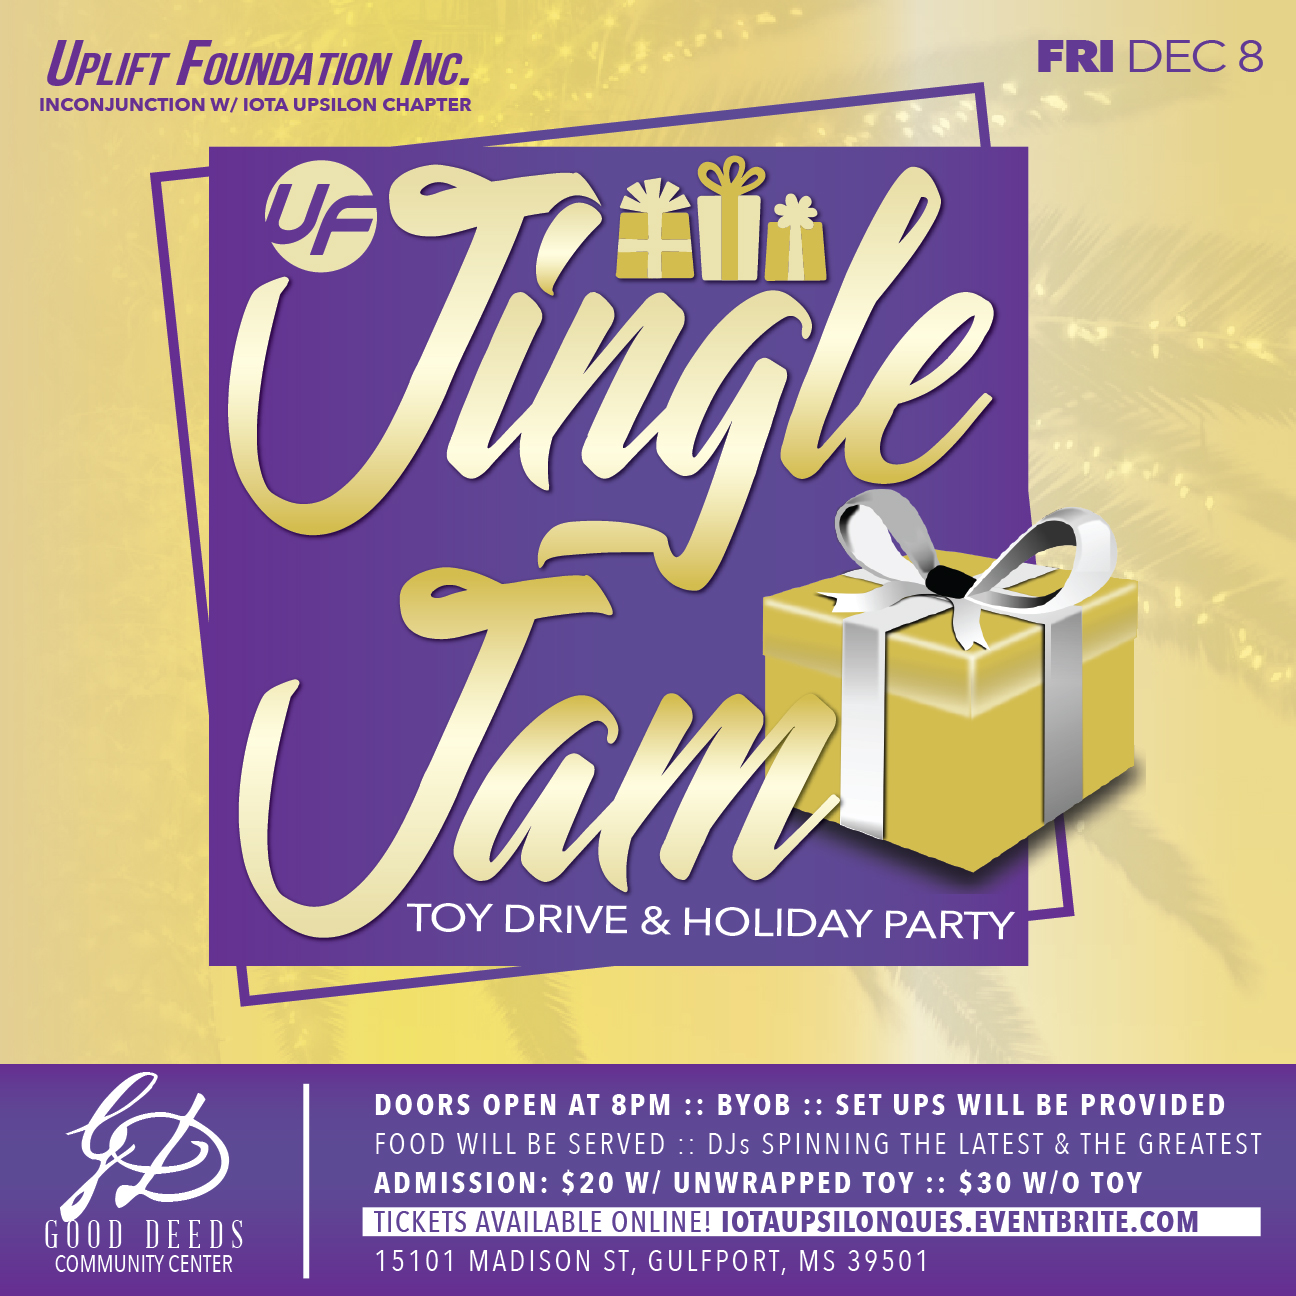 Uplift Foundation Jingle Jam